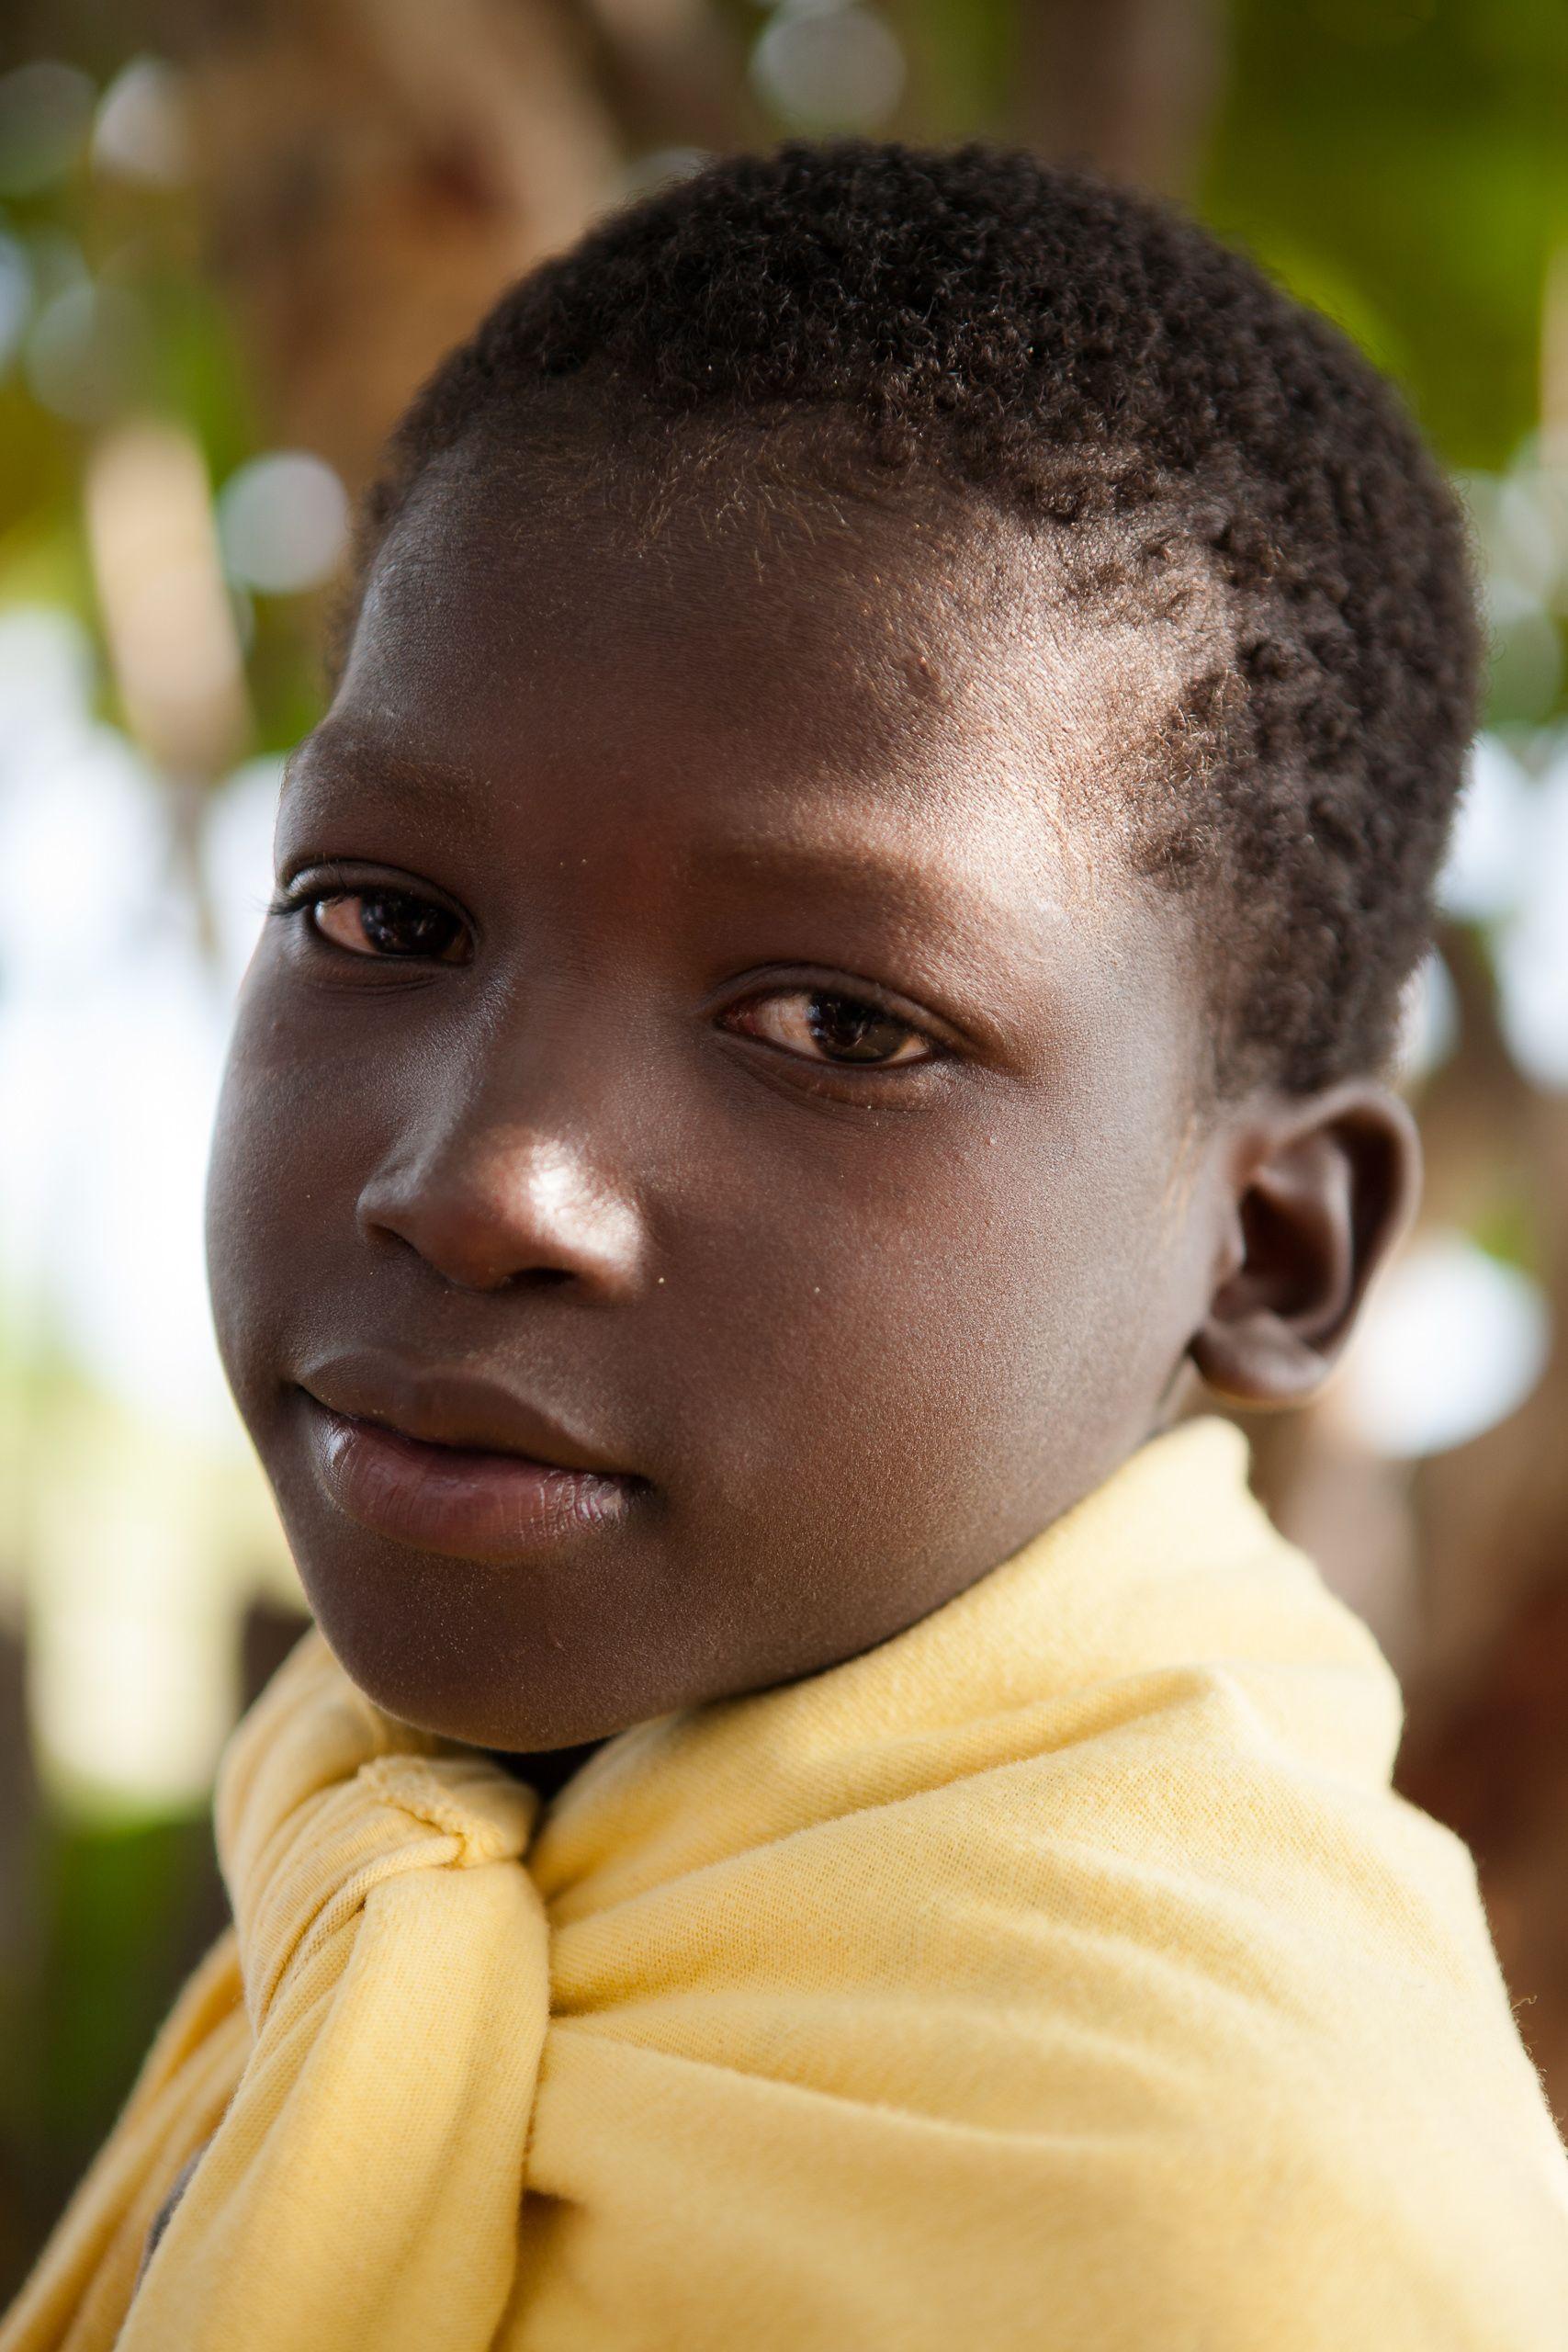 Haiti-2560px-110430-3357.jpg